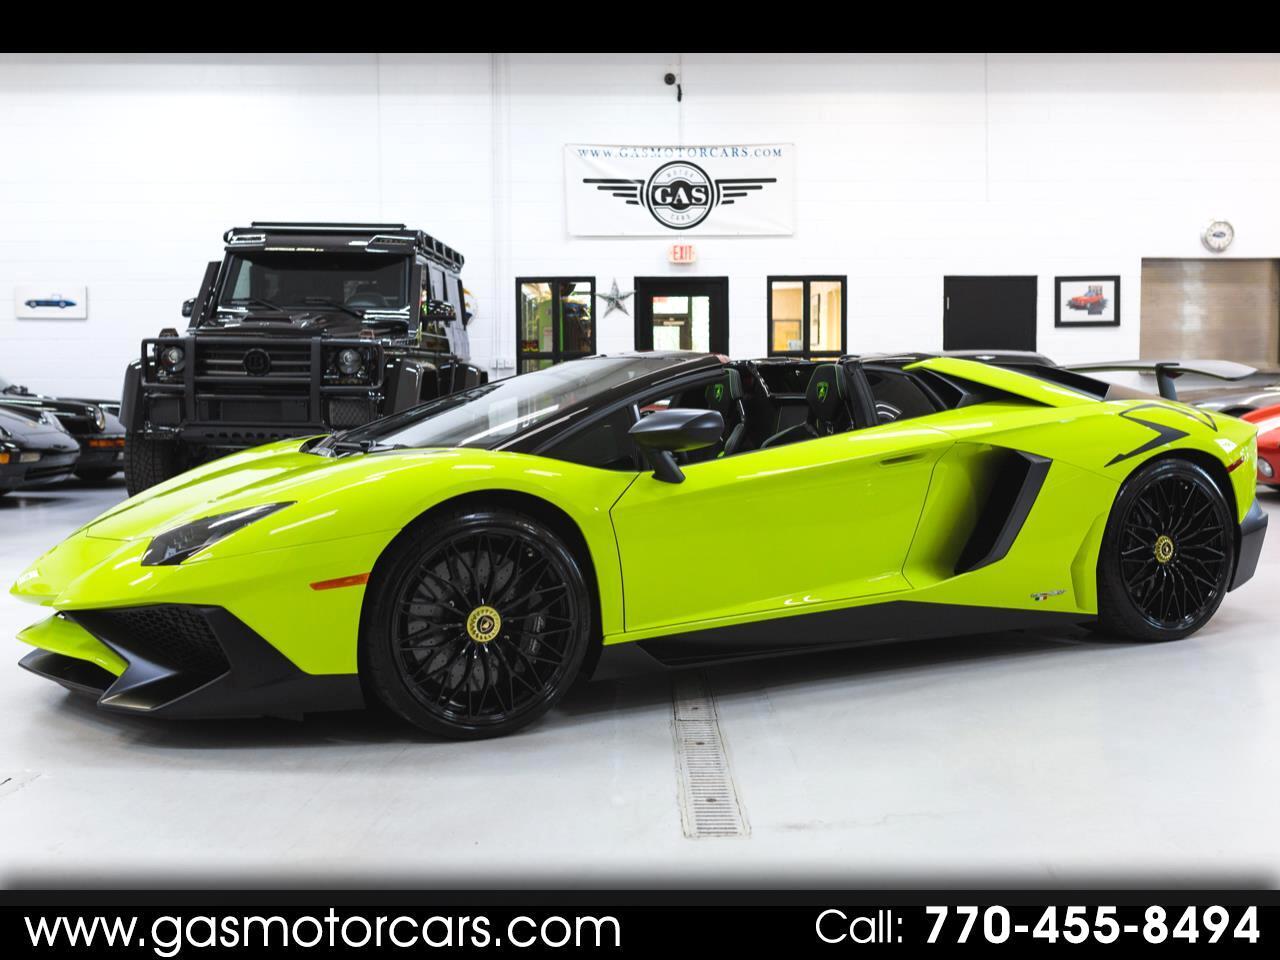 Lamborghini Aventador LP750-4 Superveloce Roadster 2016